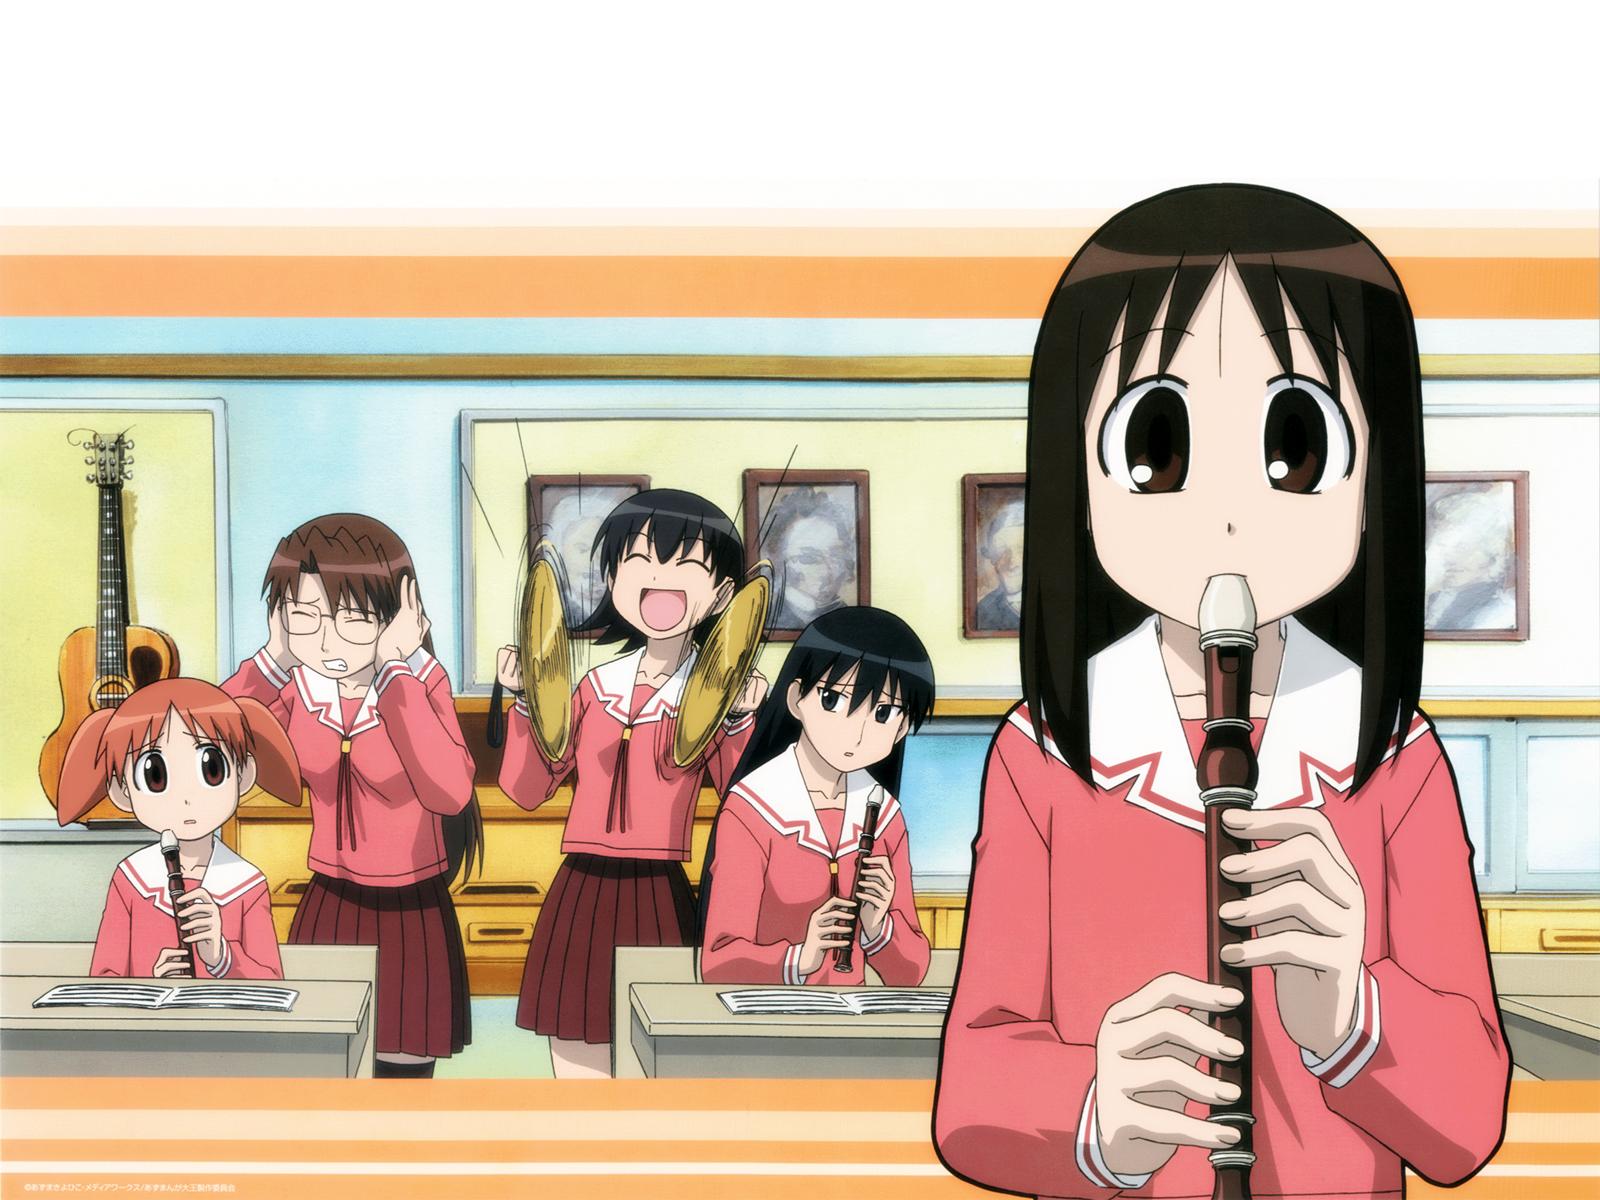 azumanga_daioh kasuga_ayumu mihama_chiyo mizuhara_koyomi sakaki takino_tomo